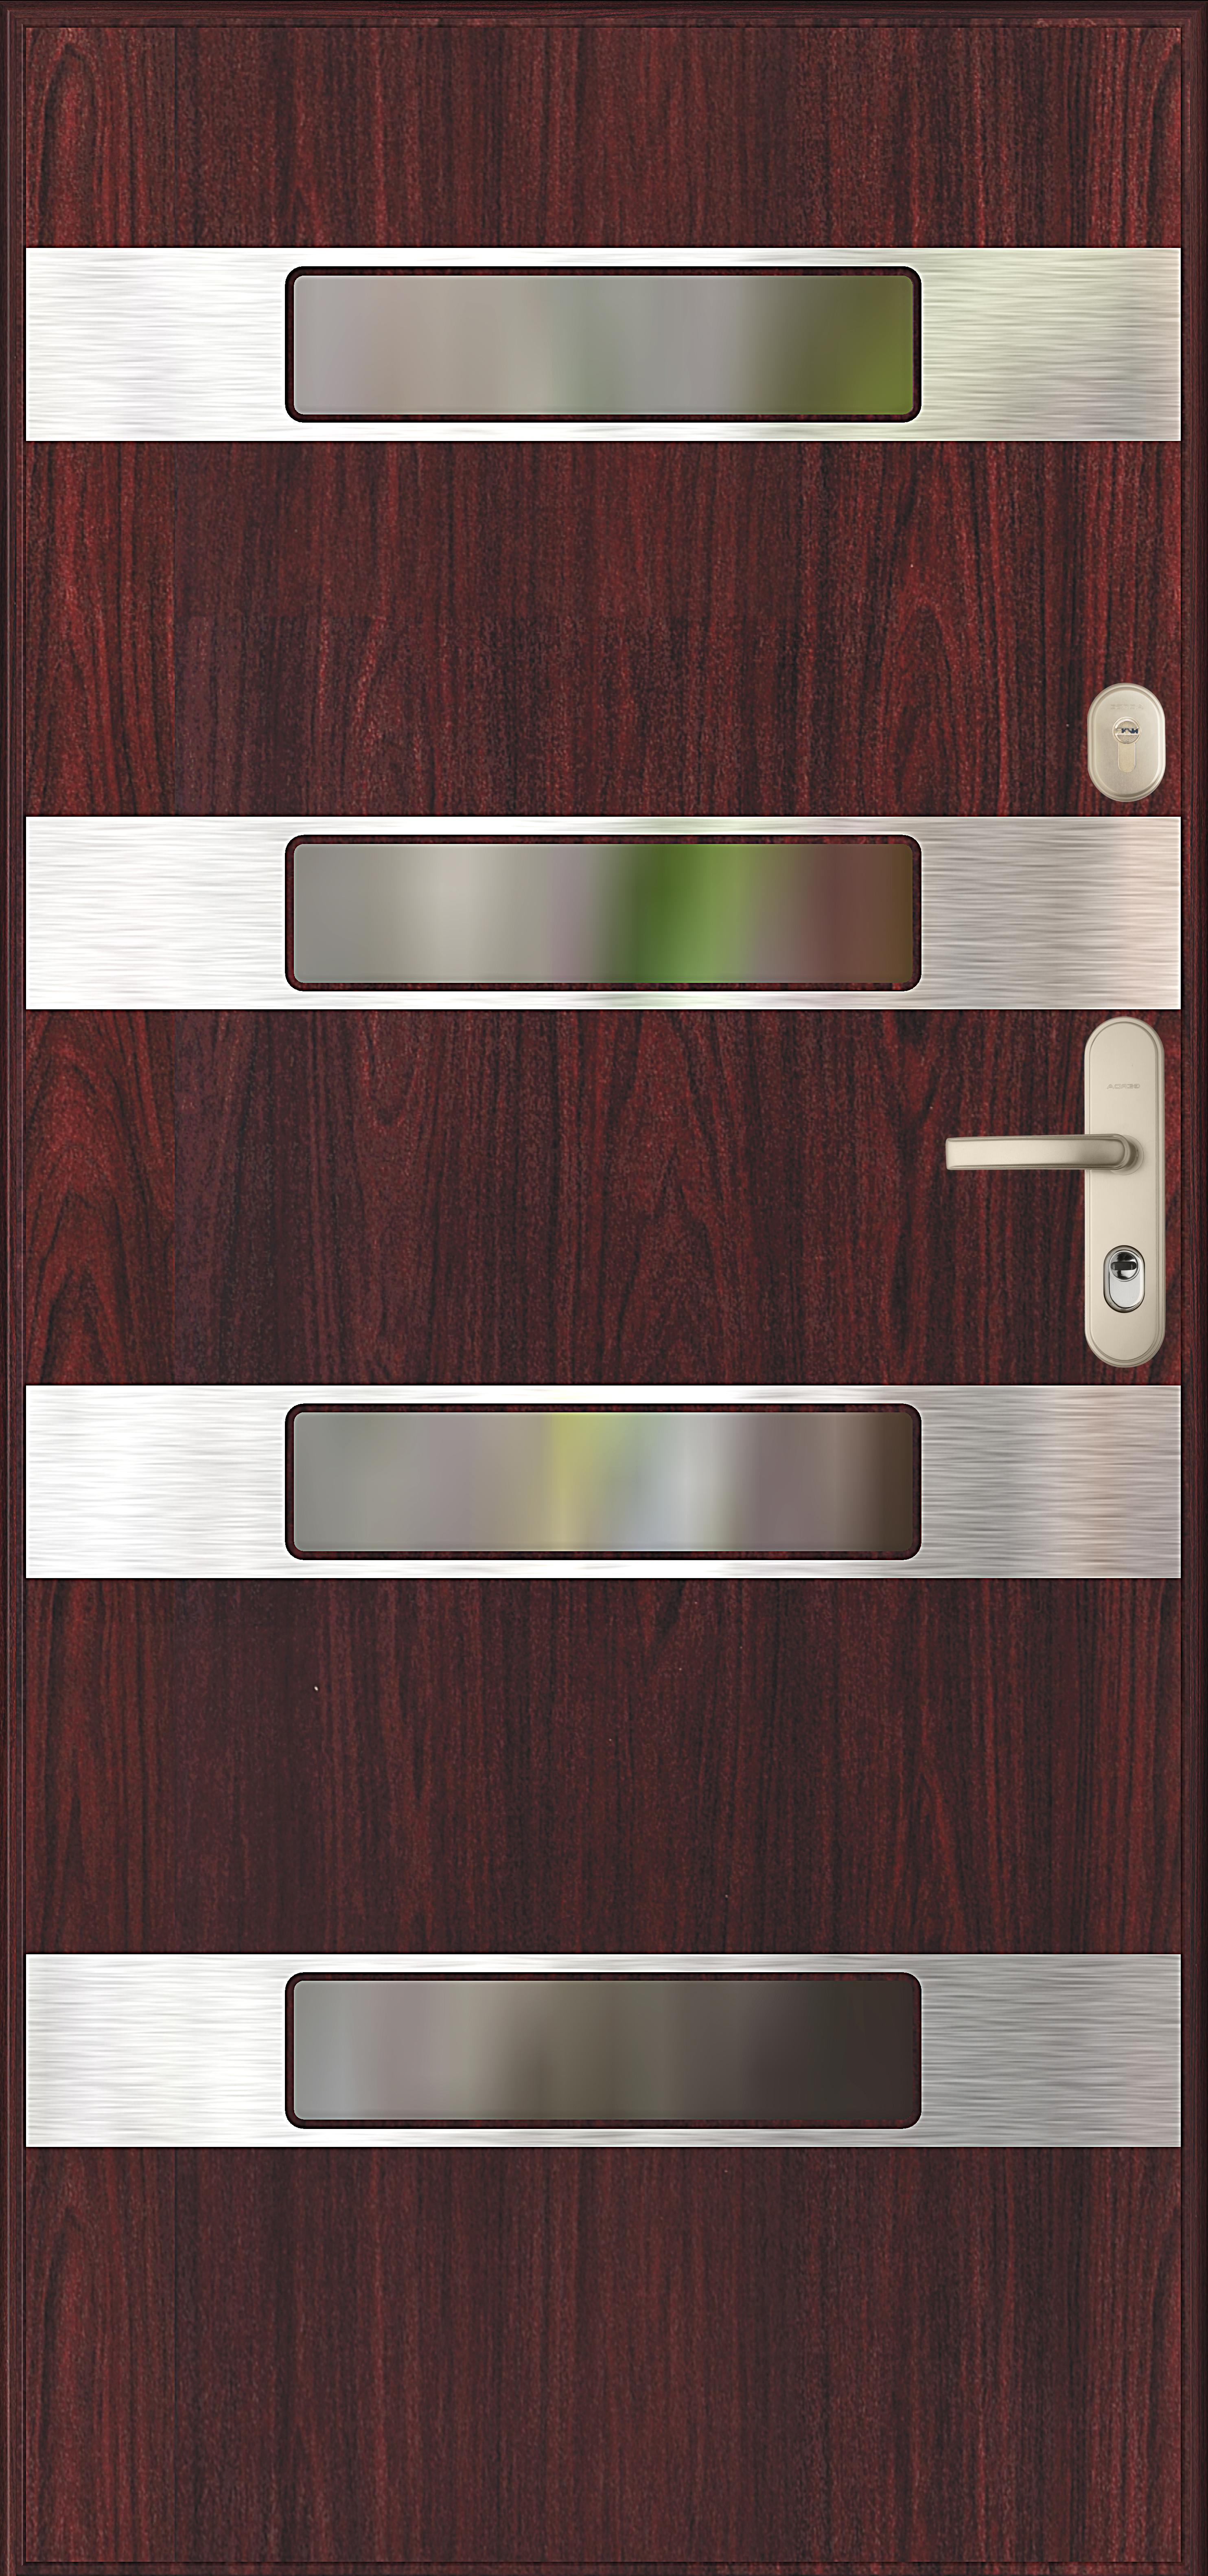 drzwi Gerda wzór SEVILLA, wejściowe zewnętrzne antywłamaniowe klasy RC2, z poziomymi przeszkleniami i ramkami inox